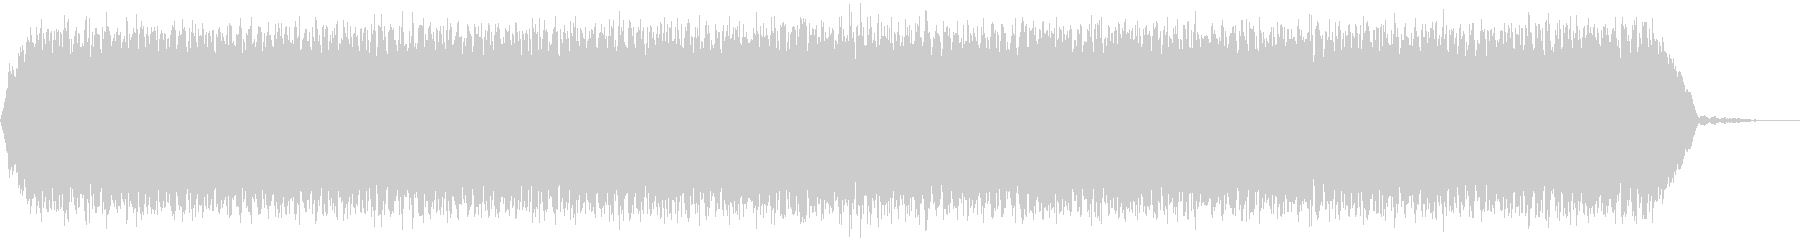 【アンビエント】ドローン_10 実験音の未再生の波形